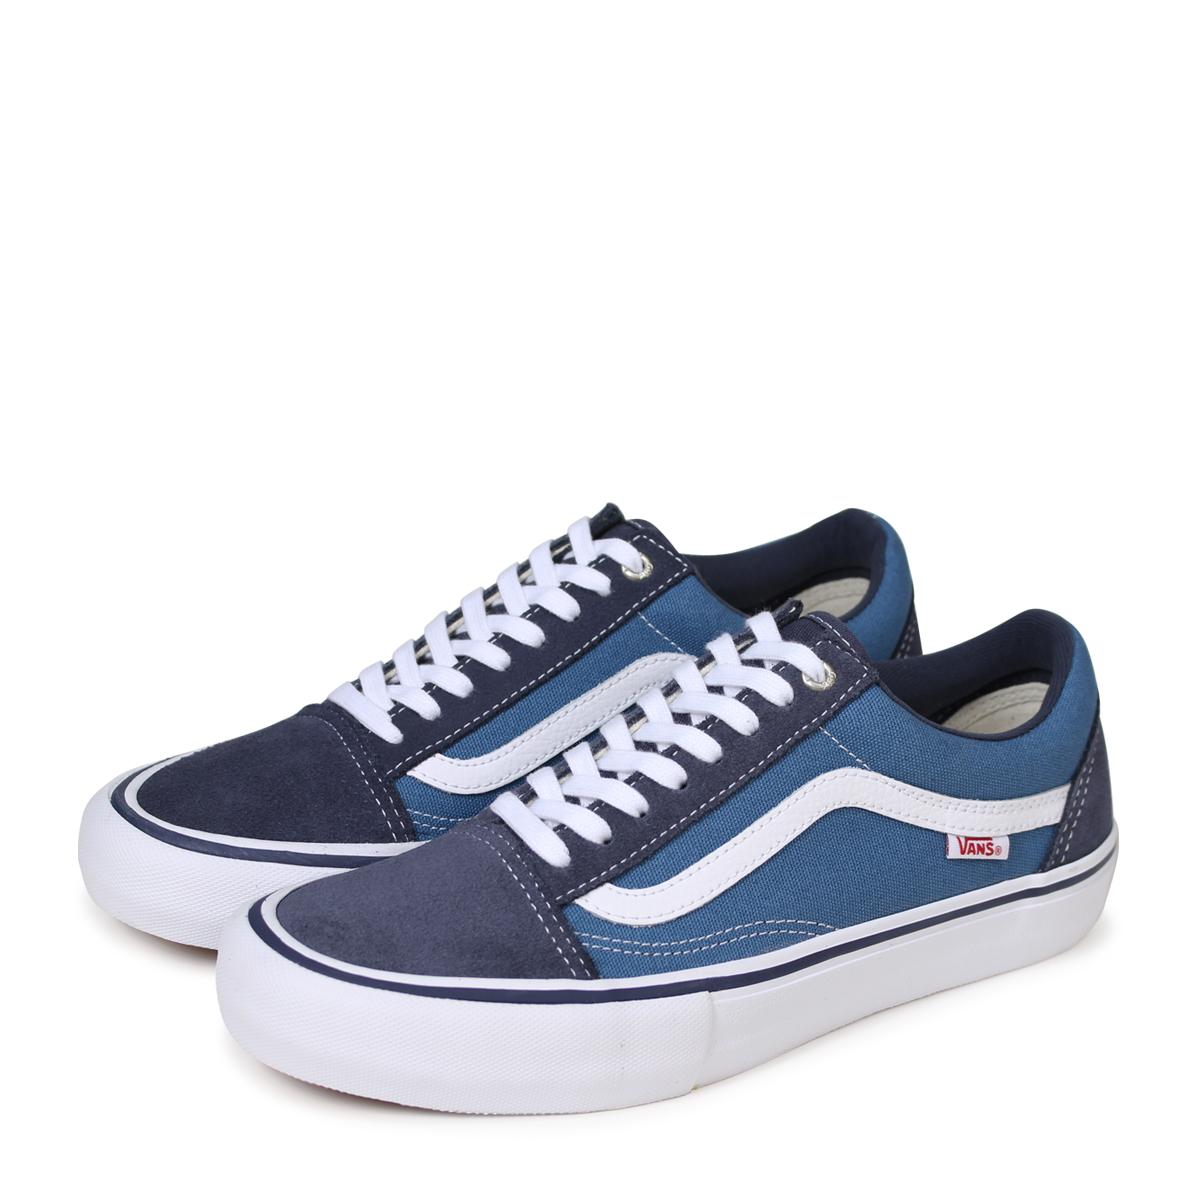 VANS OLD SKOOL PRO old school pro sneakers men gap Dis vans station wagons VN0A38G135U navy